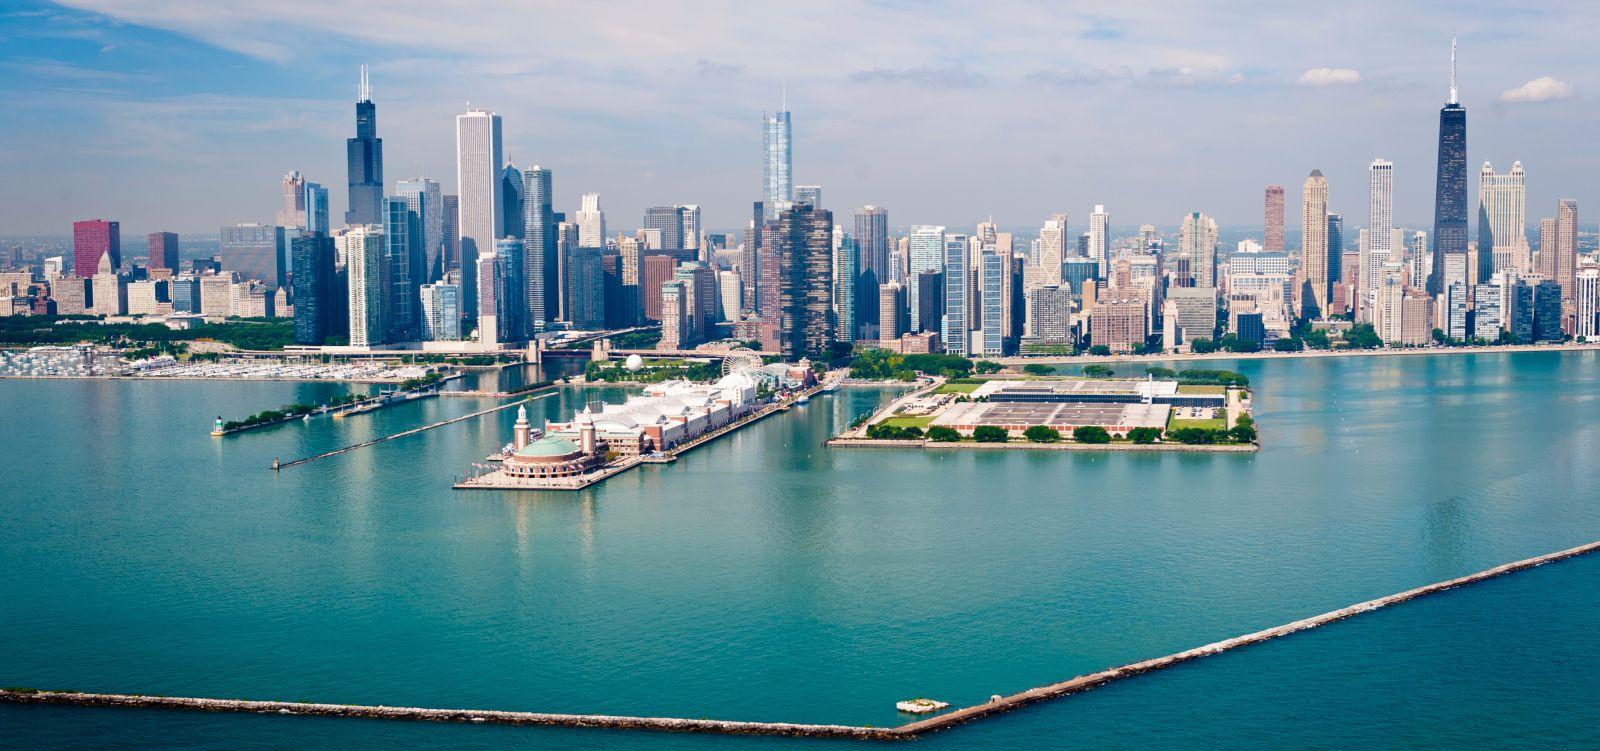 Chicago Water Bonds